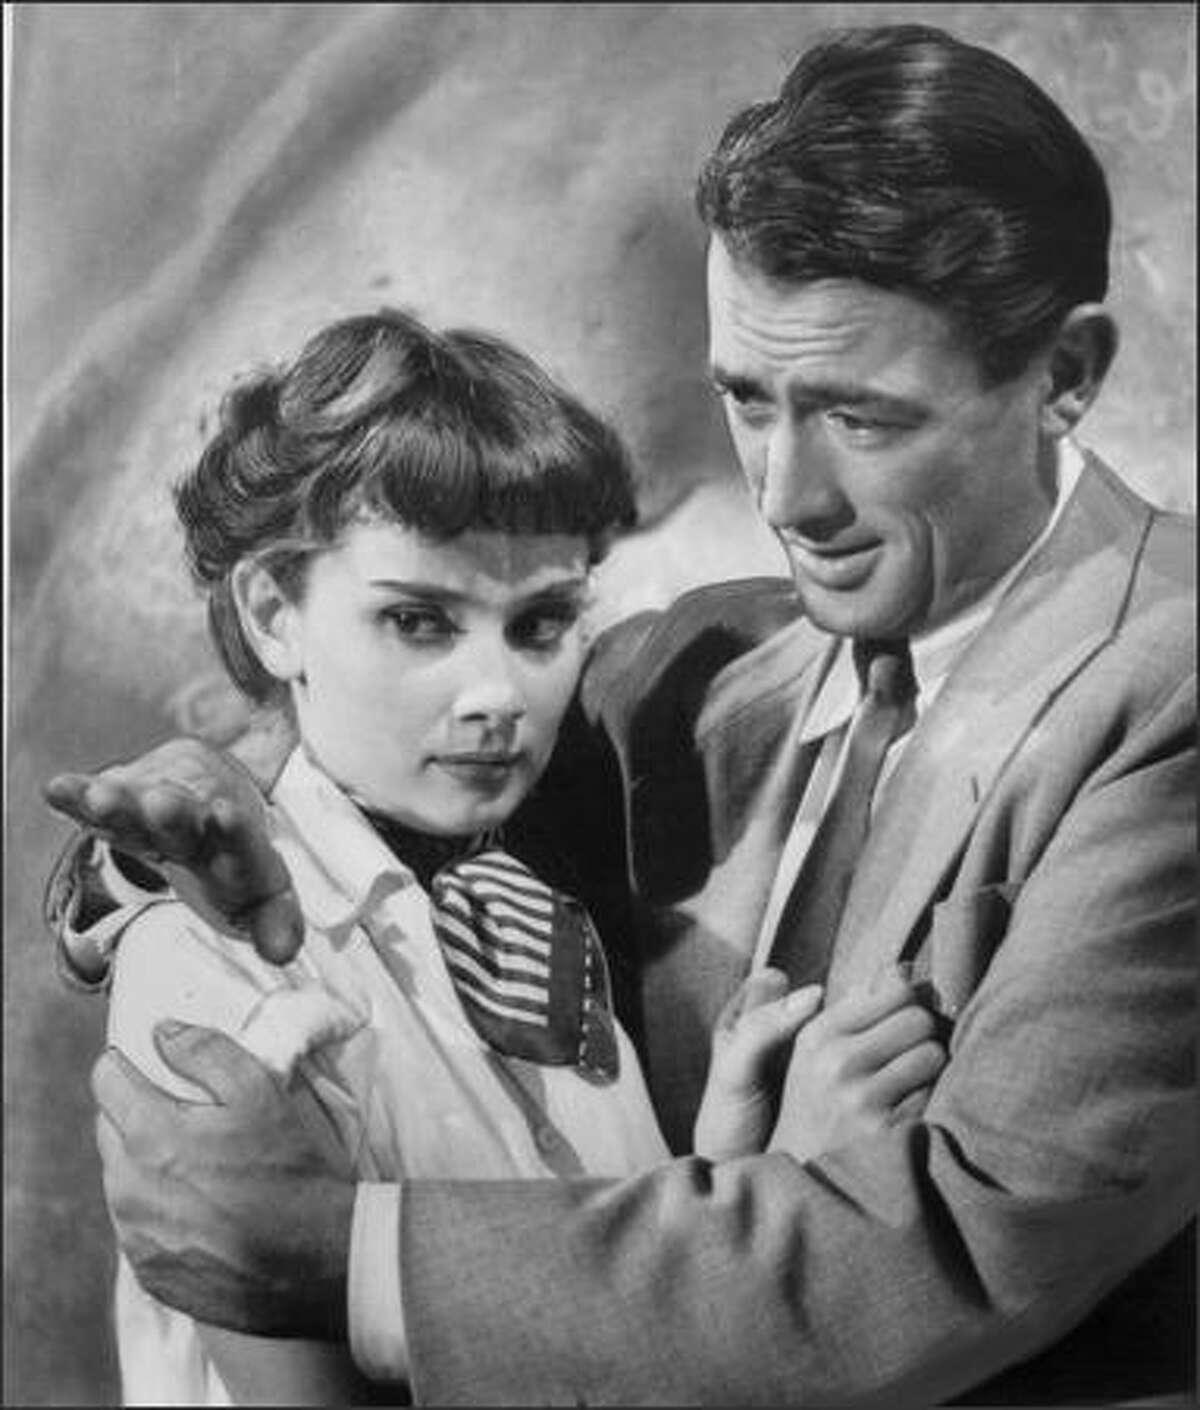 Audrey Hepburn and Gregory Peck in